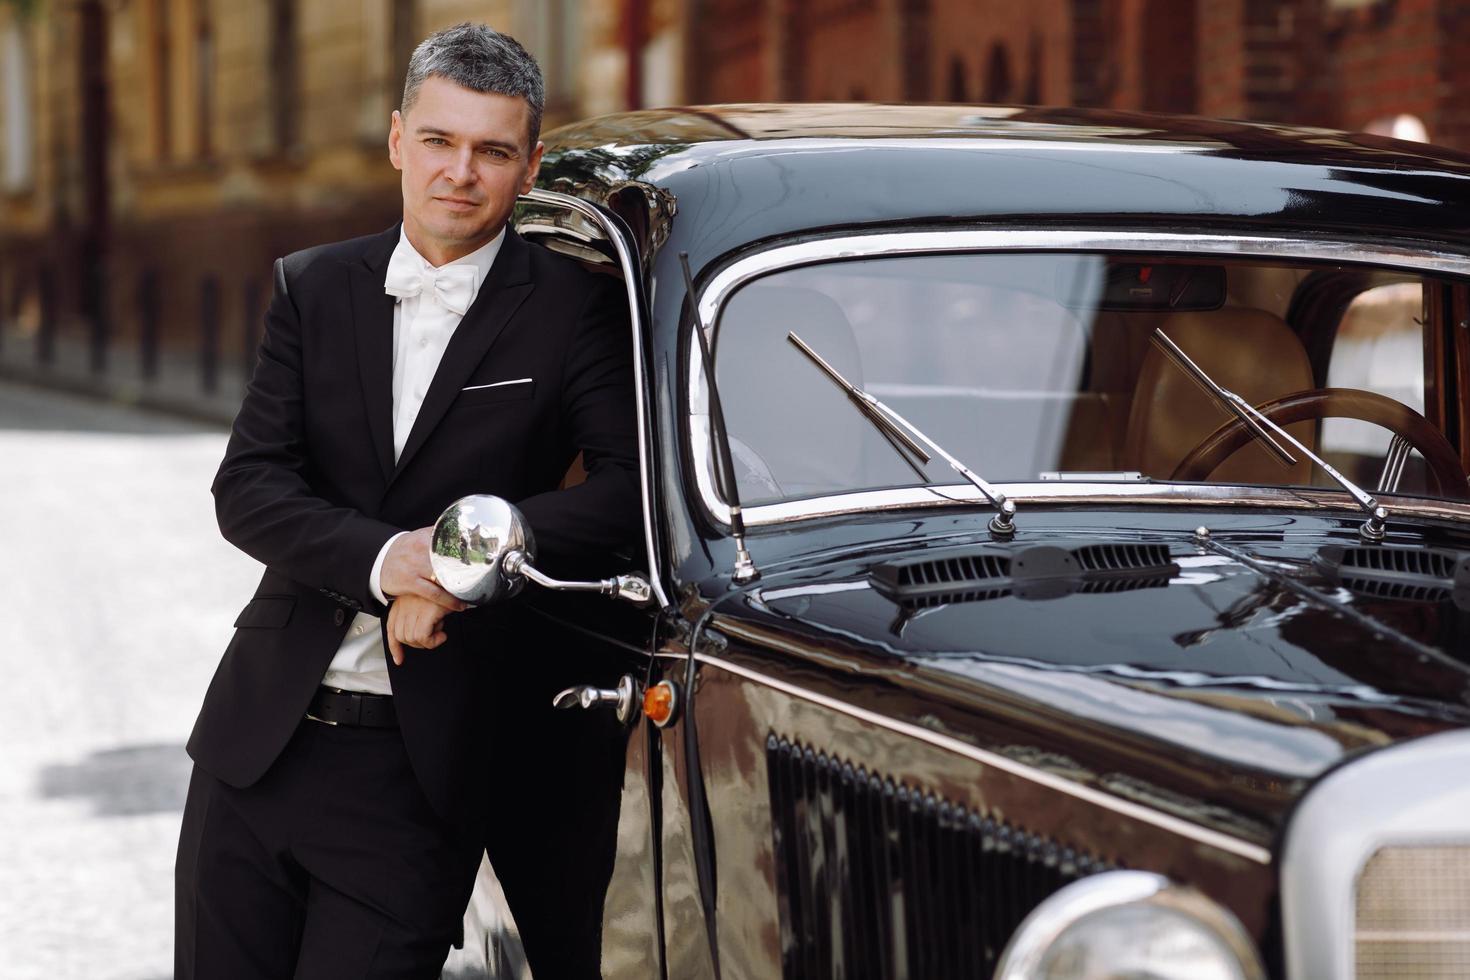 Noivo bonito em um smoking preto posando diante de um carro retrô preto foto